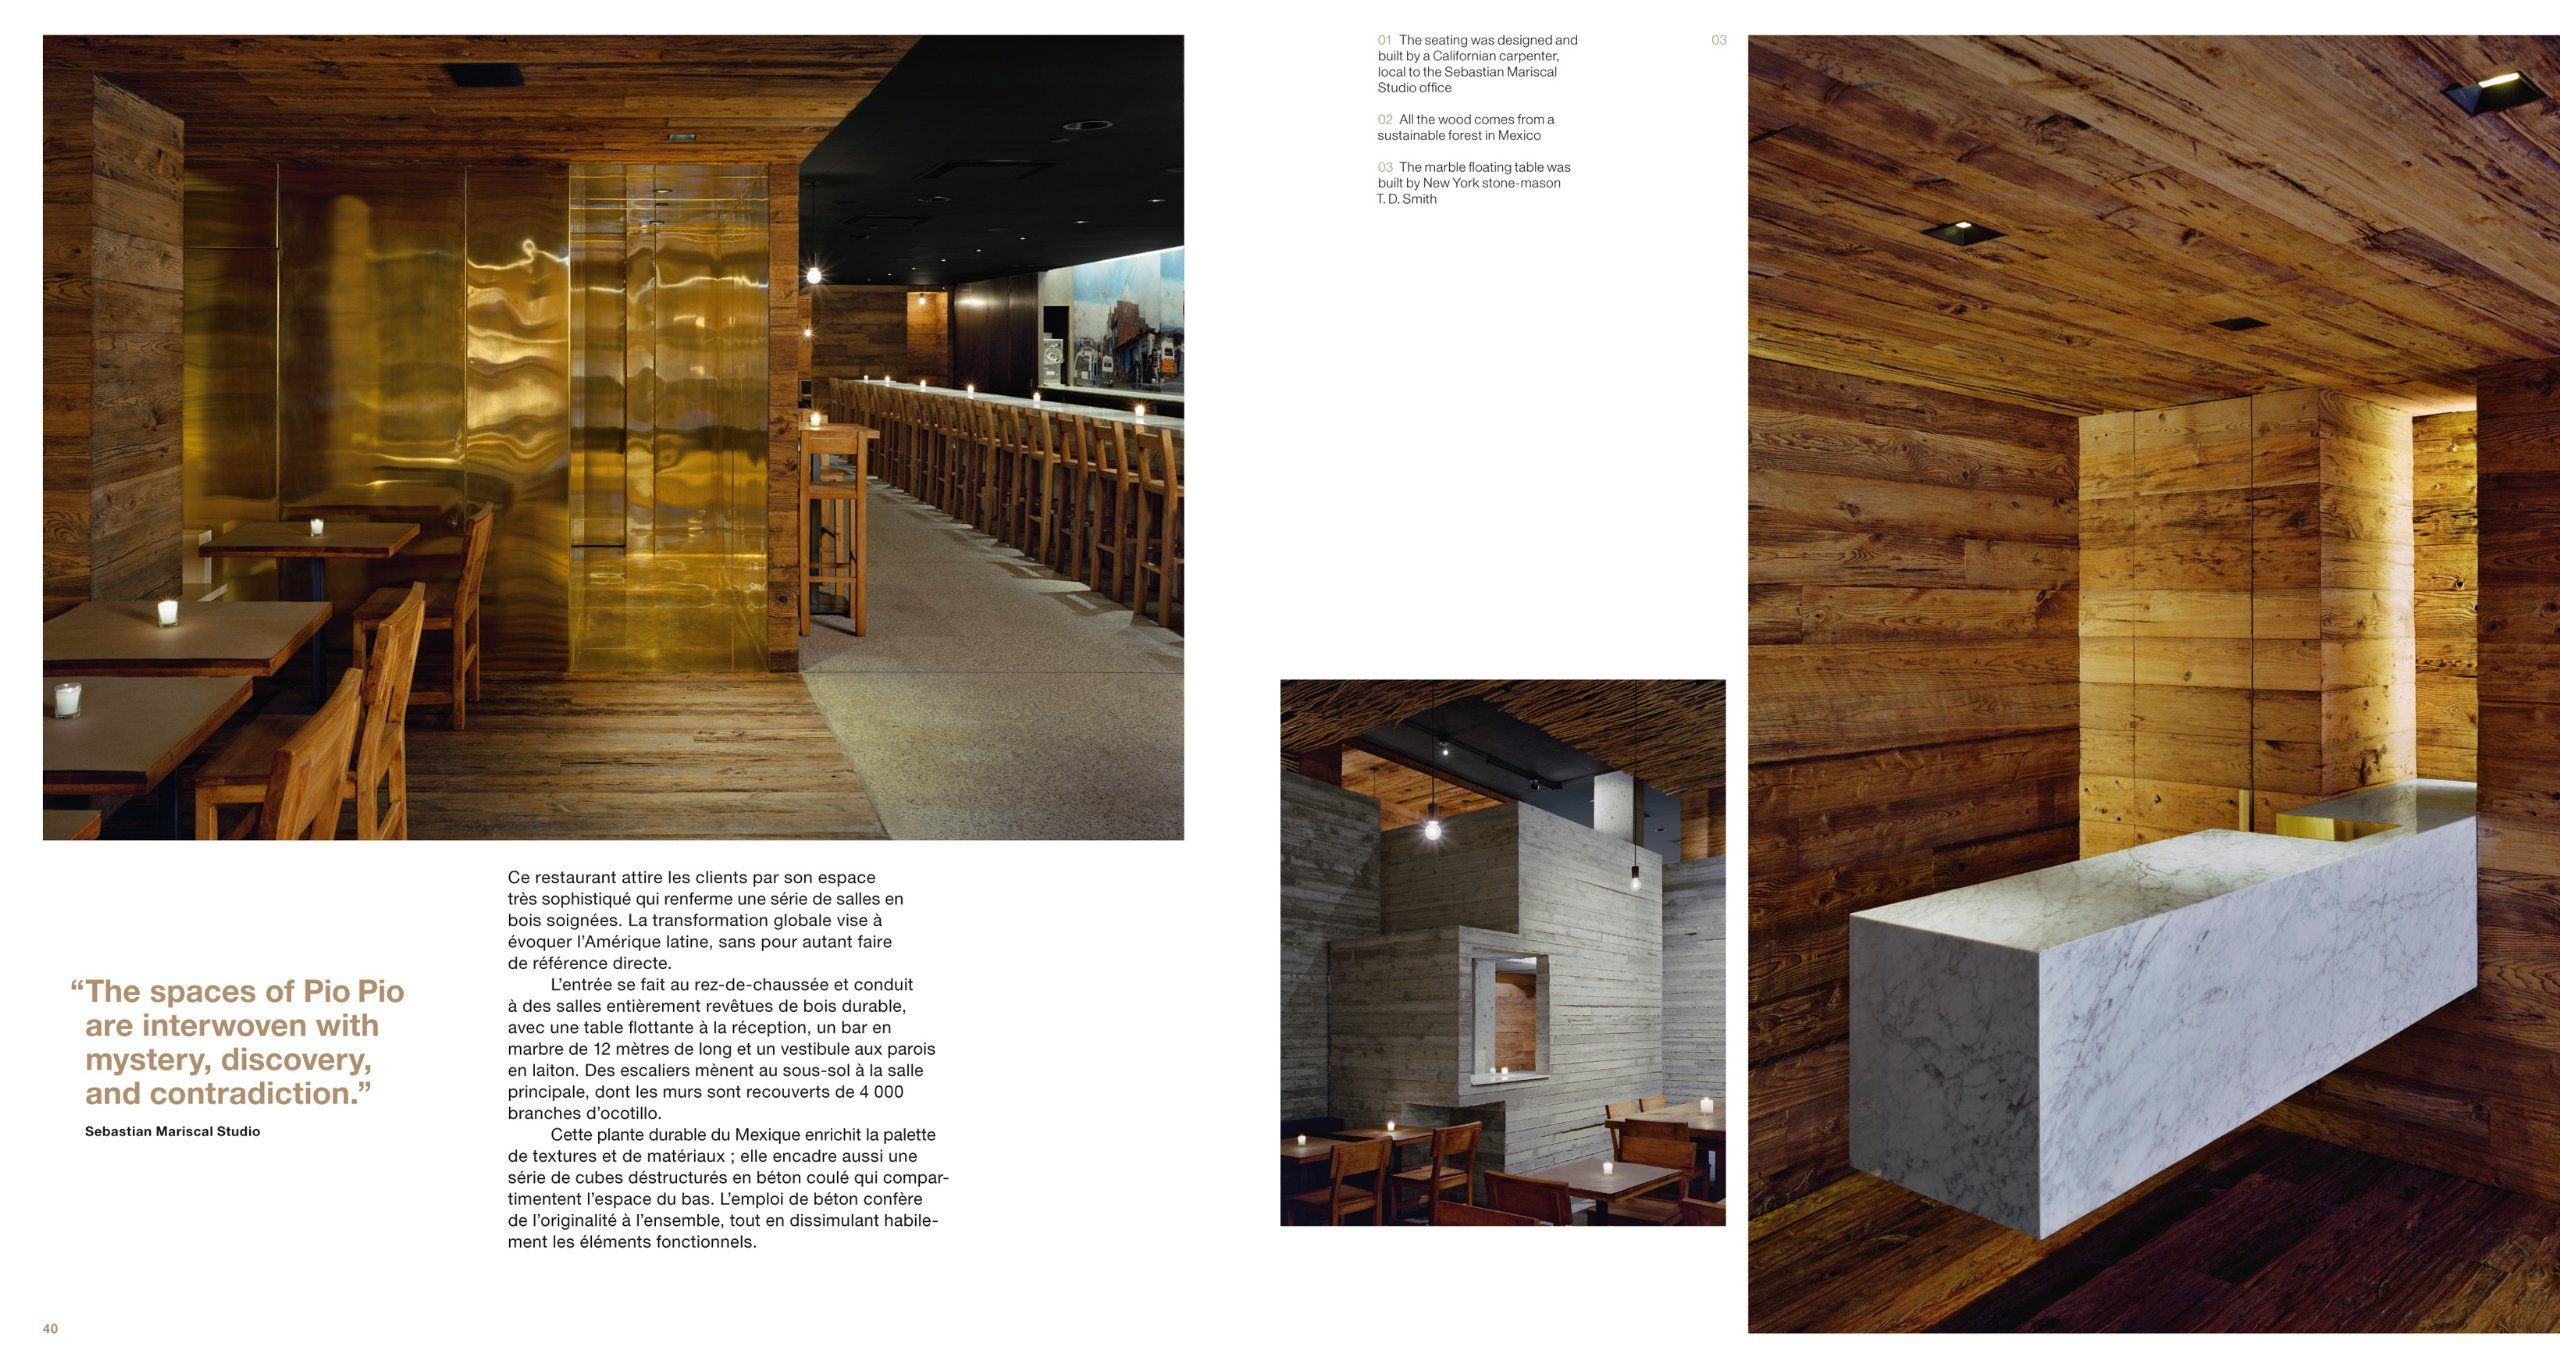 Restaurant & Bar Design Julius Wiedemann, Marco Rebora